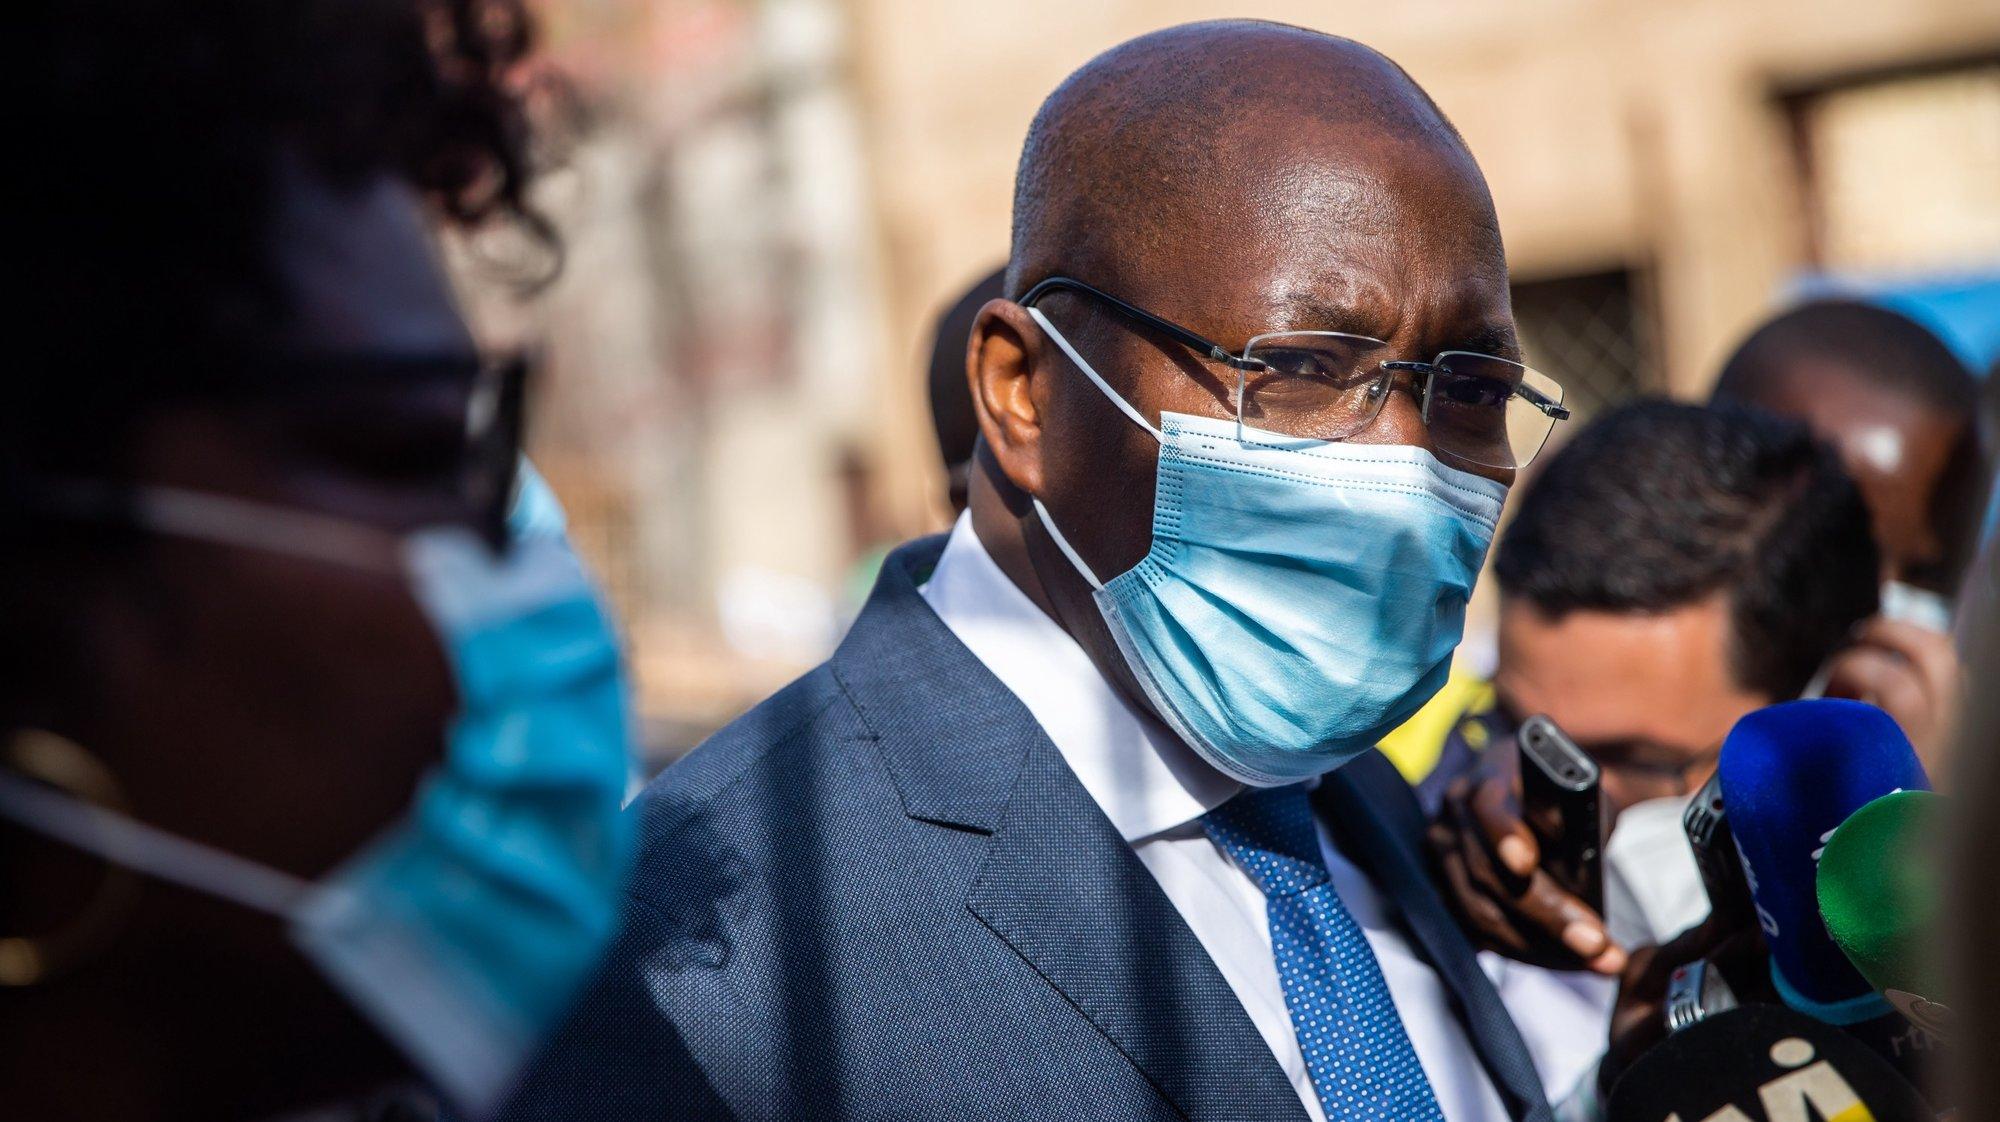 O líder do PAIGC, Domingos Simões Pereira, à saída de uma reunião com o Presidente da República, Marcelo Rebelo de Sousa,na Embaixada de Portugal, no segundo e último dia de visita oficial à Guiné-Bissau, no Palácio Presidencial, em Bissau, na Guiné-Bissau, 18 de maio de 2021. JOSÉ SENA GOULÃO/POOL/LUSA